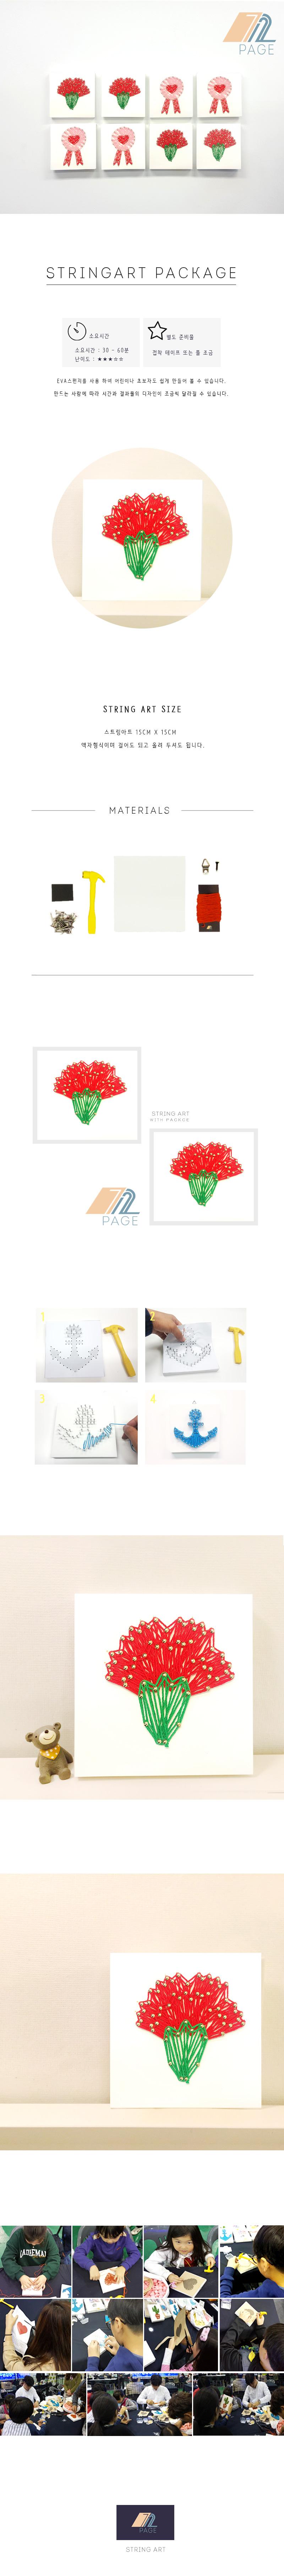 꼬마 카네이션 스트링아트 만들기 패키지 DIY (EVA) - 72페이지, 8,000원, DIY그리기, 스트링아트